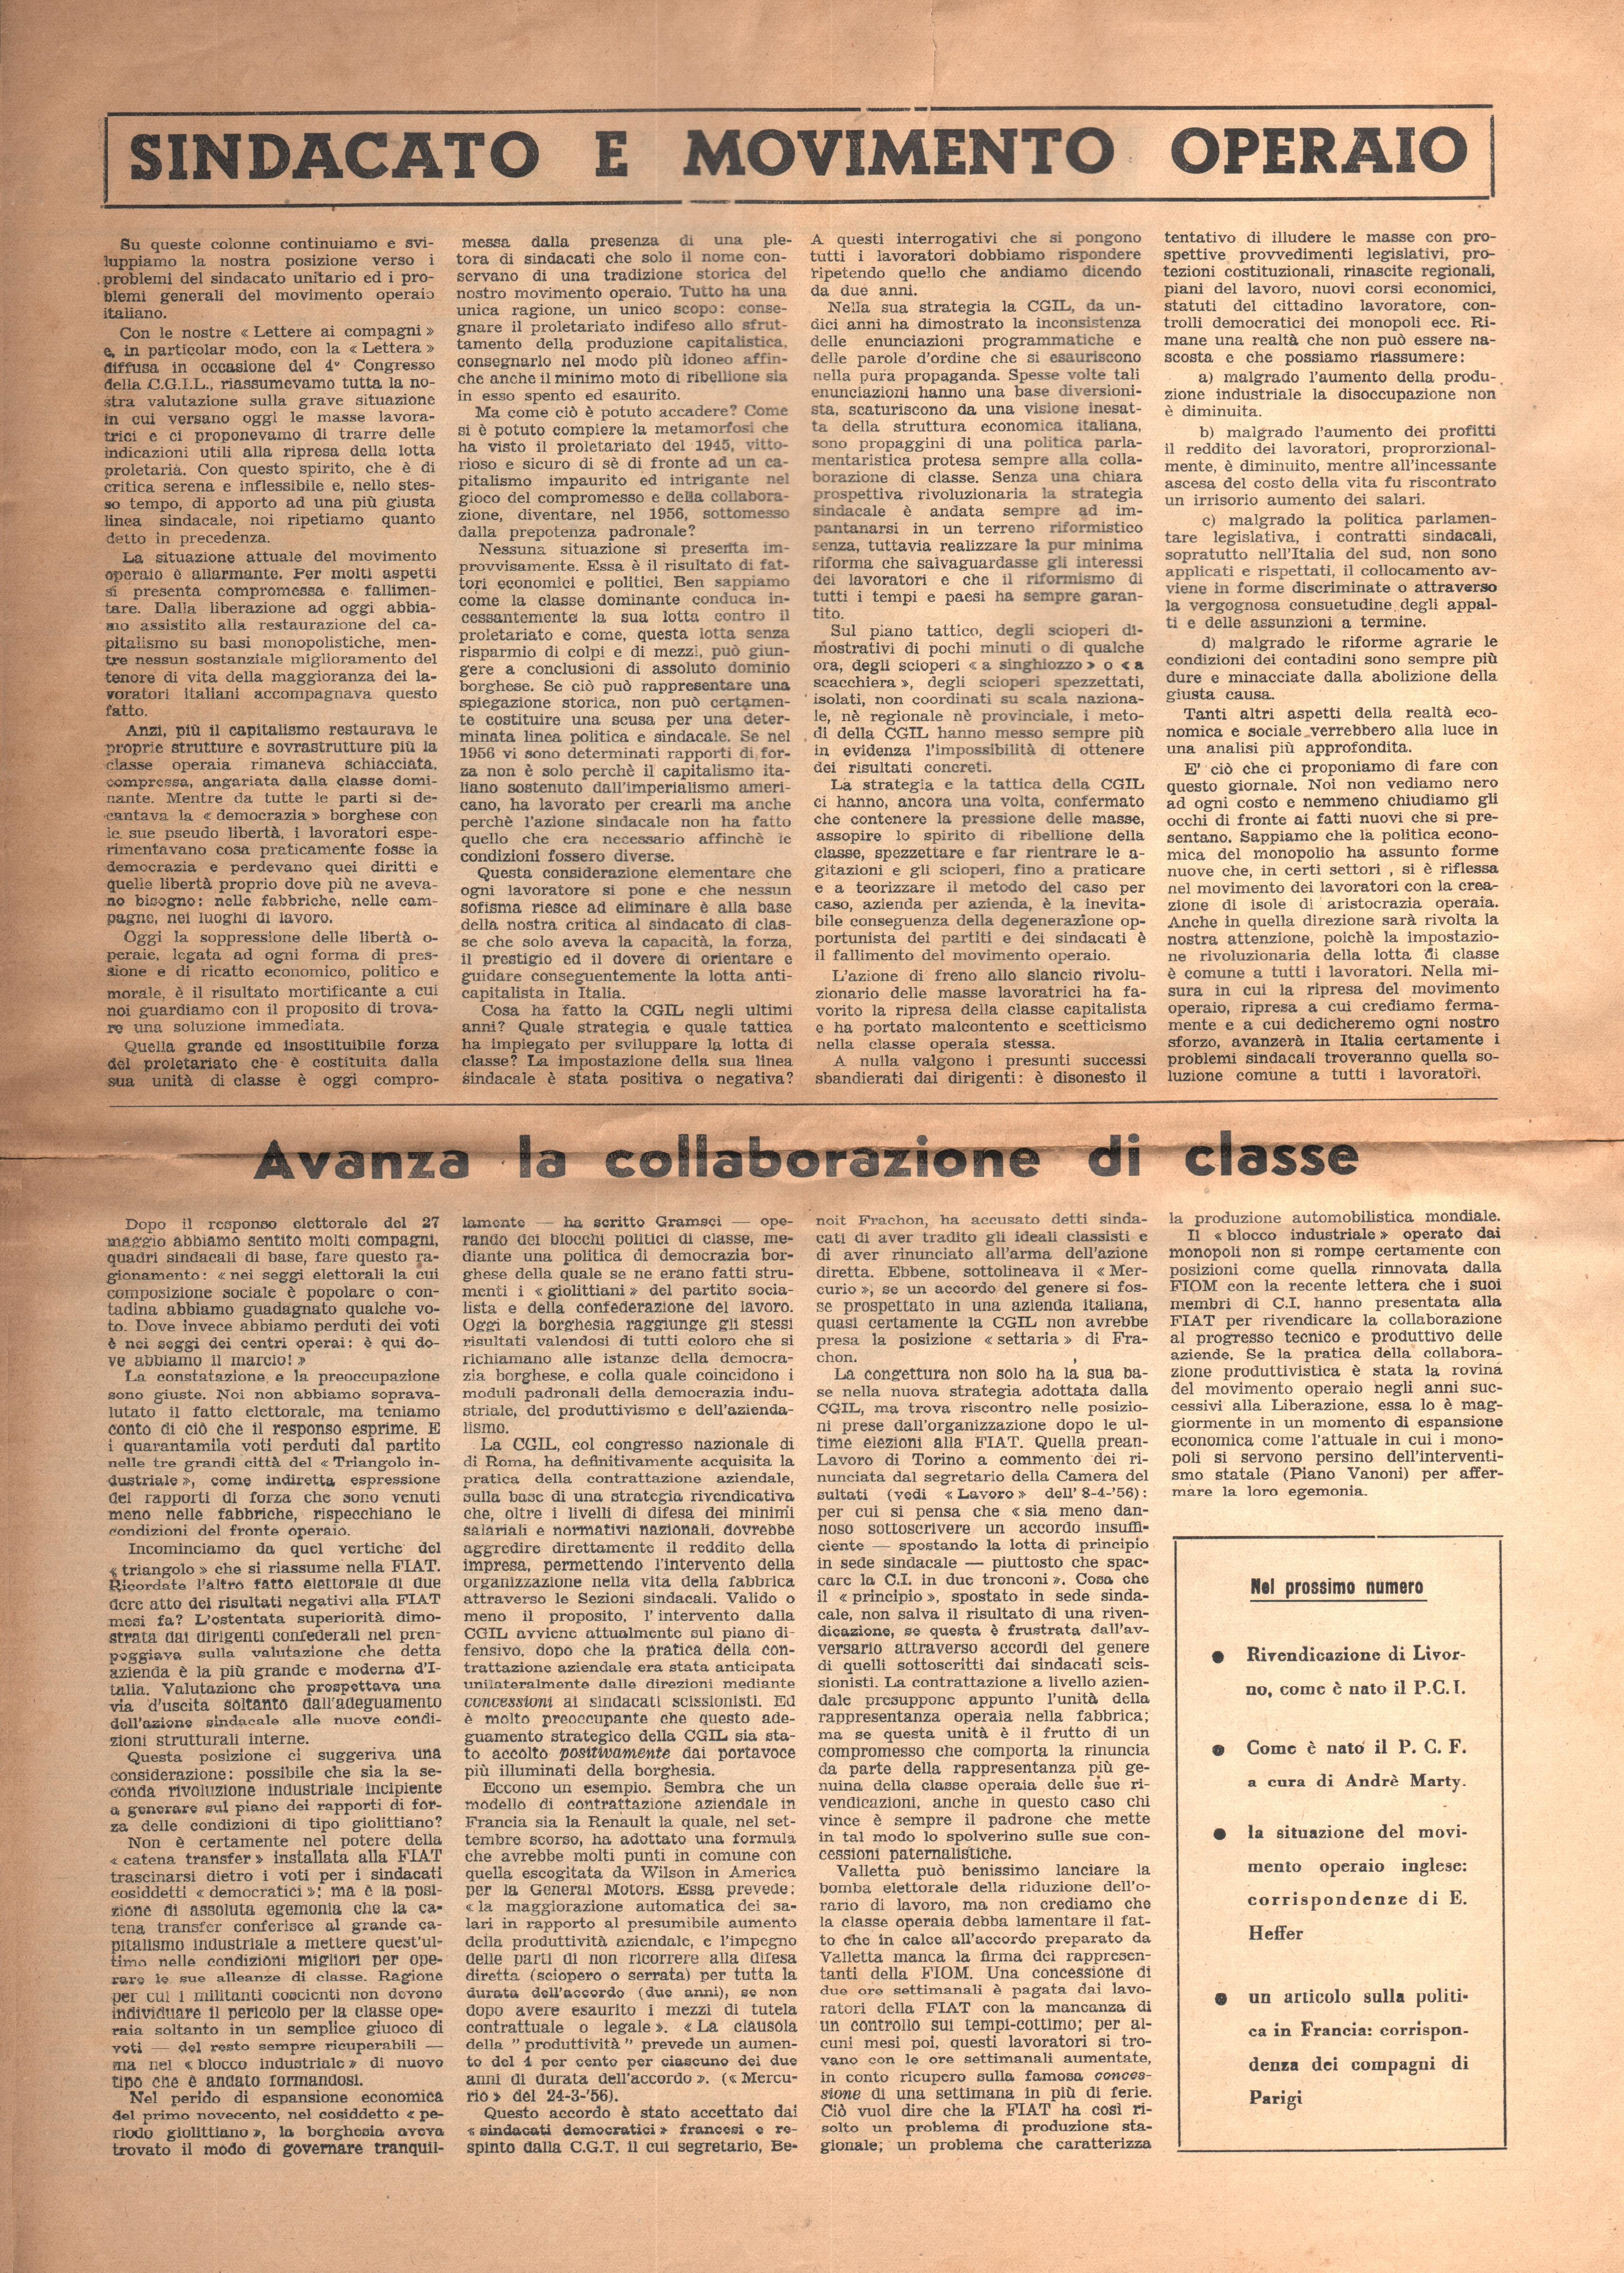 Azione Comunista n. 1 - pag. 3